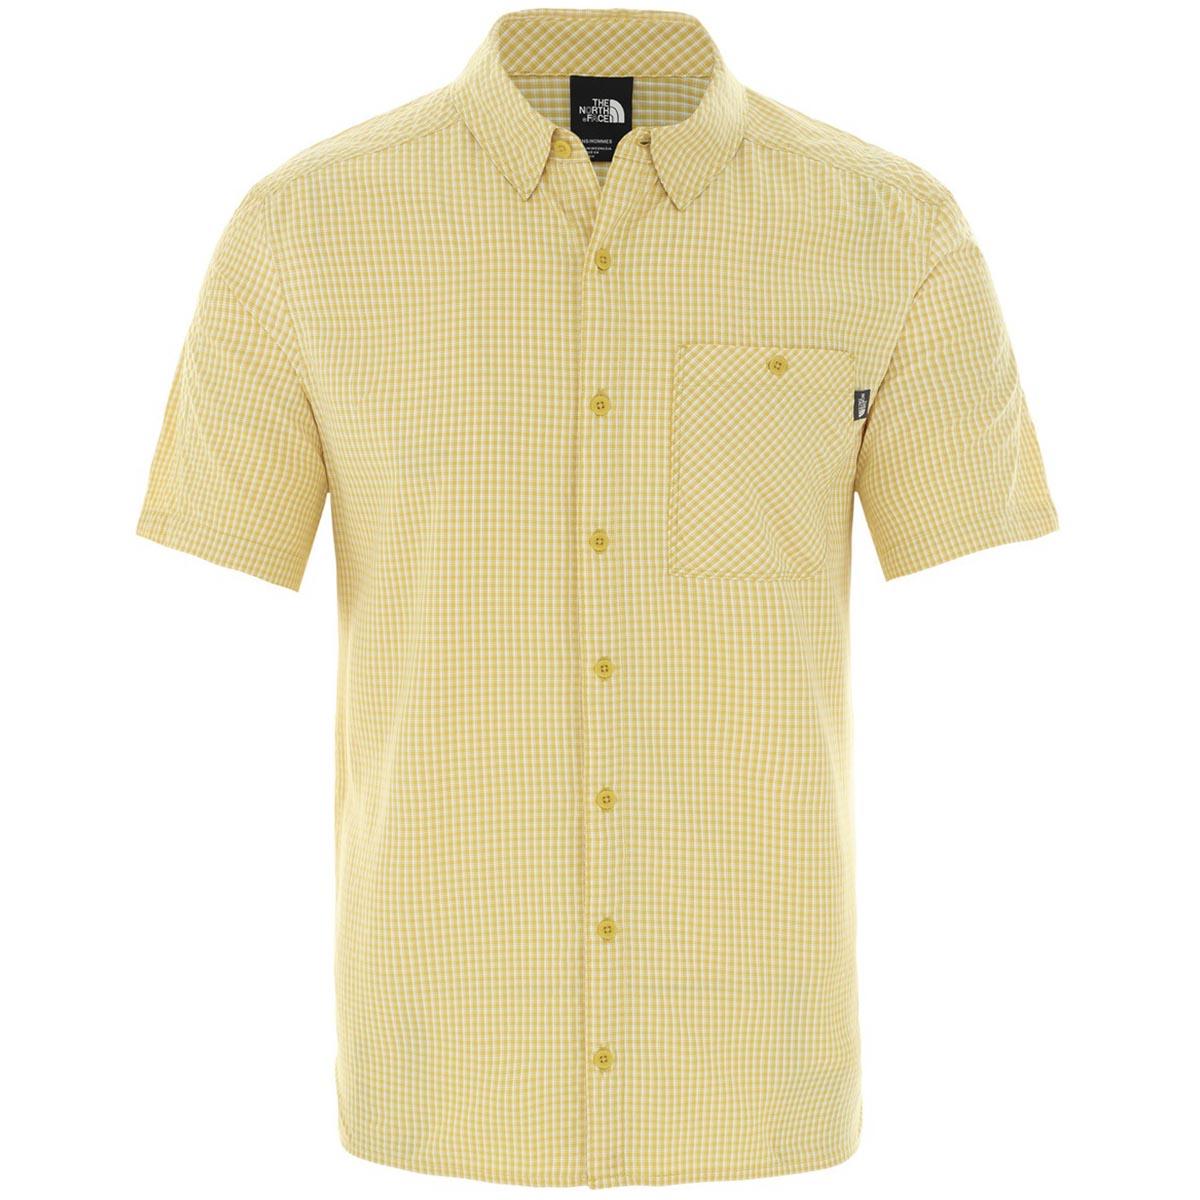 Рубашка S/S HYPRESS SHIRT